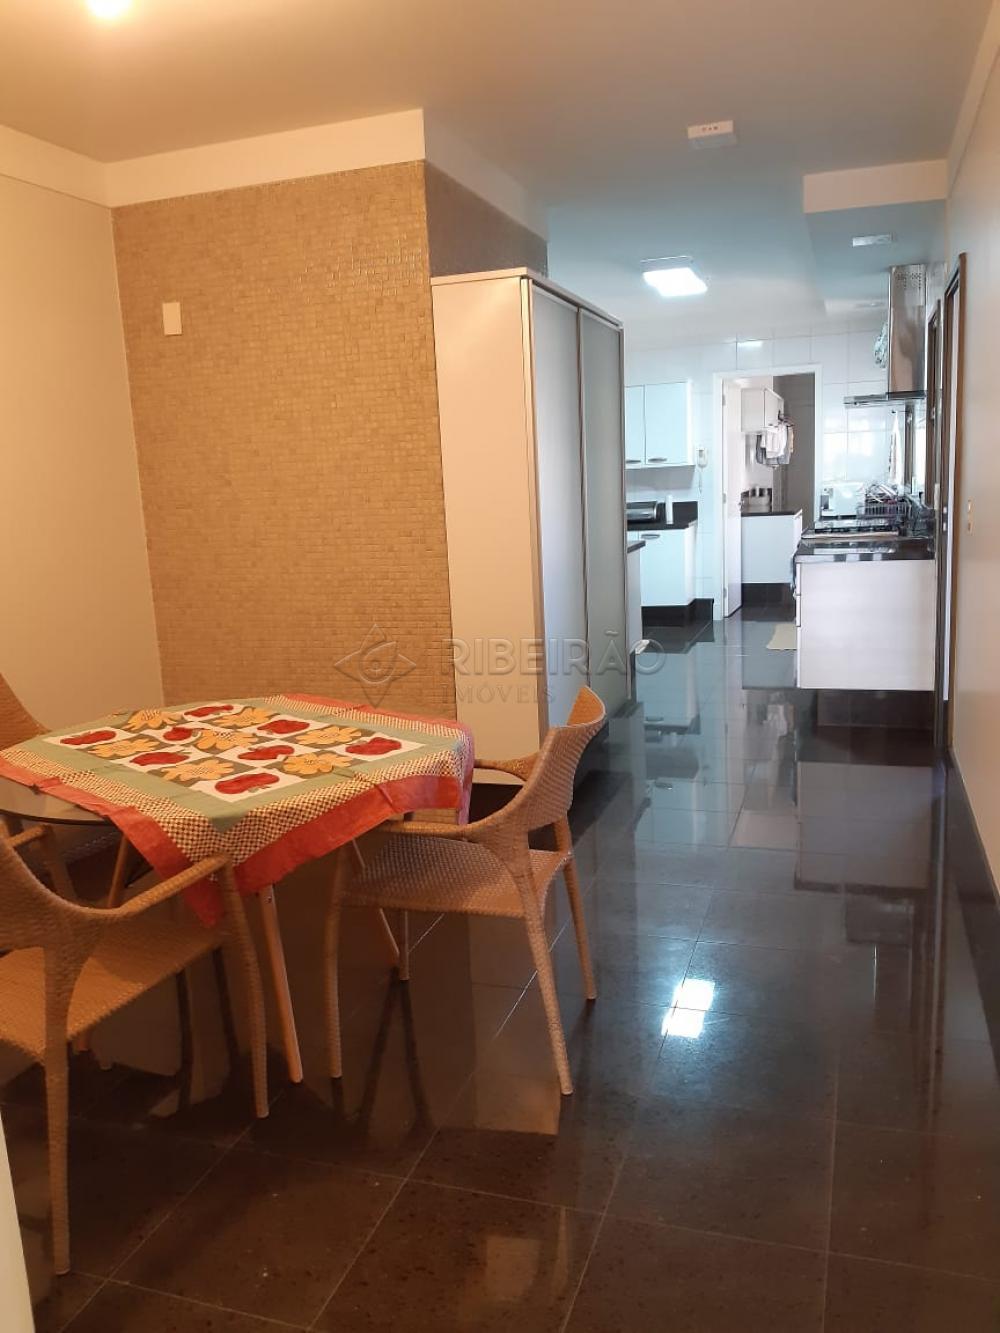 Comprar Apartamento / Padrão em Ribeirão Preto apenas R$ 1.400.000,00 - Foto 7